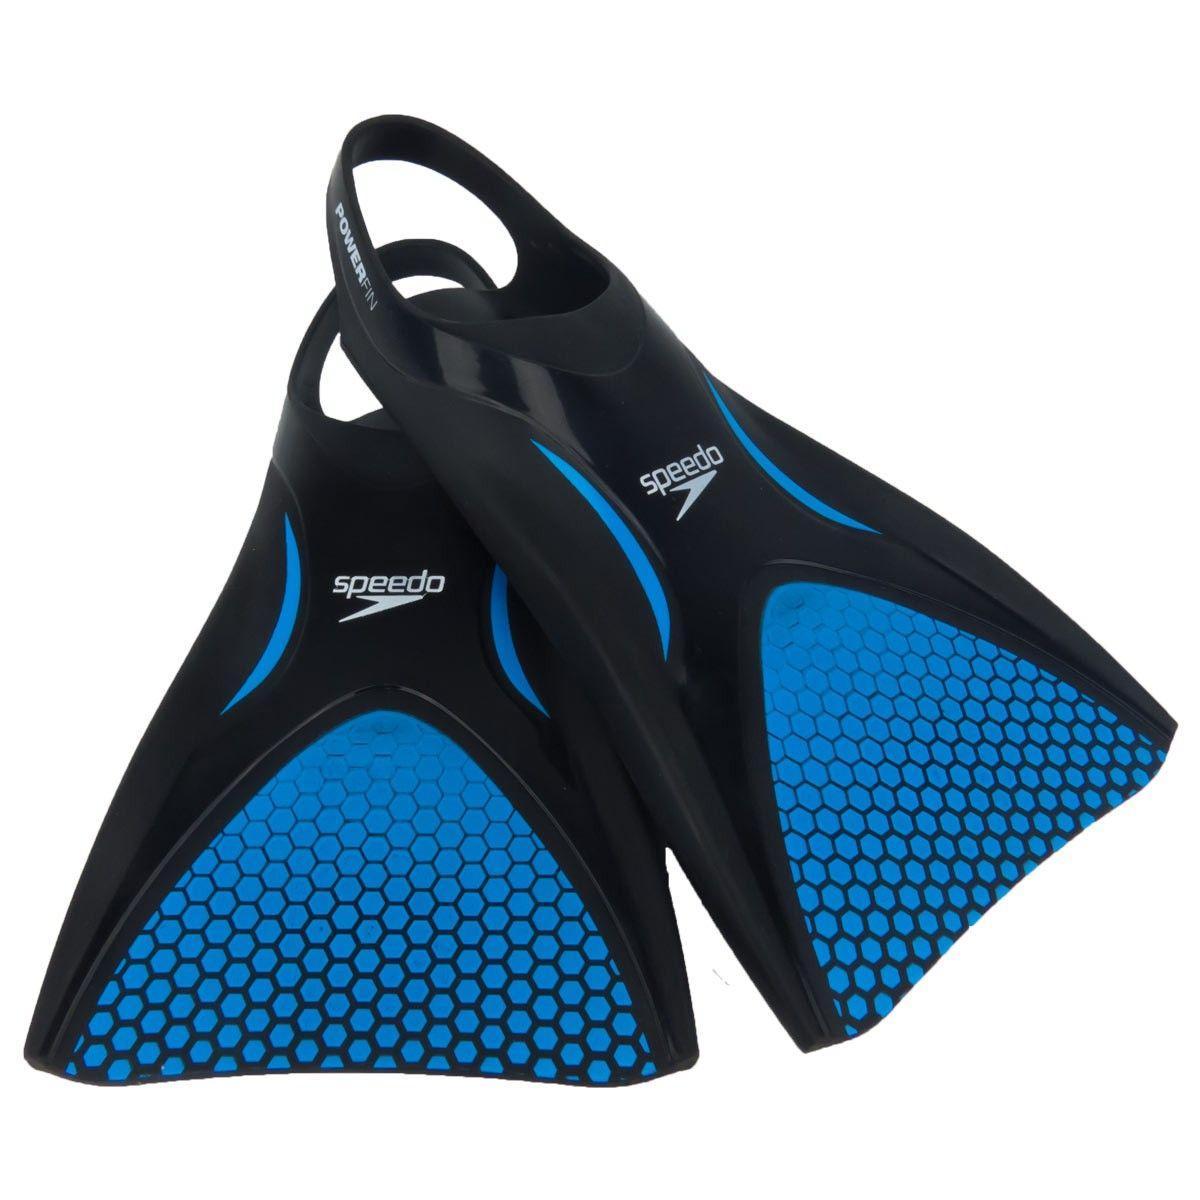 Nadadeira Power Fin Para Treinamento de Natação Tamanho 40/42 - Speedo